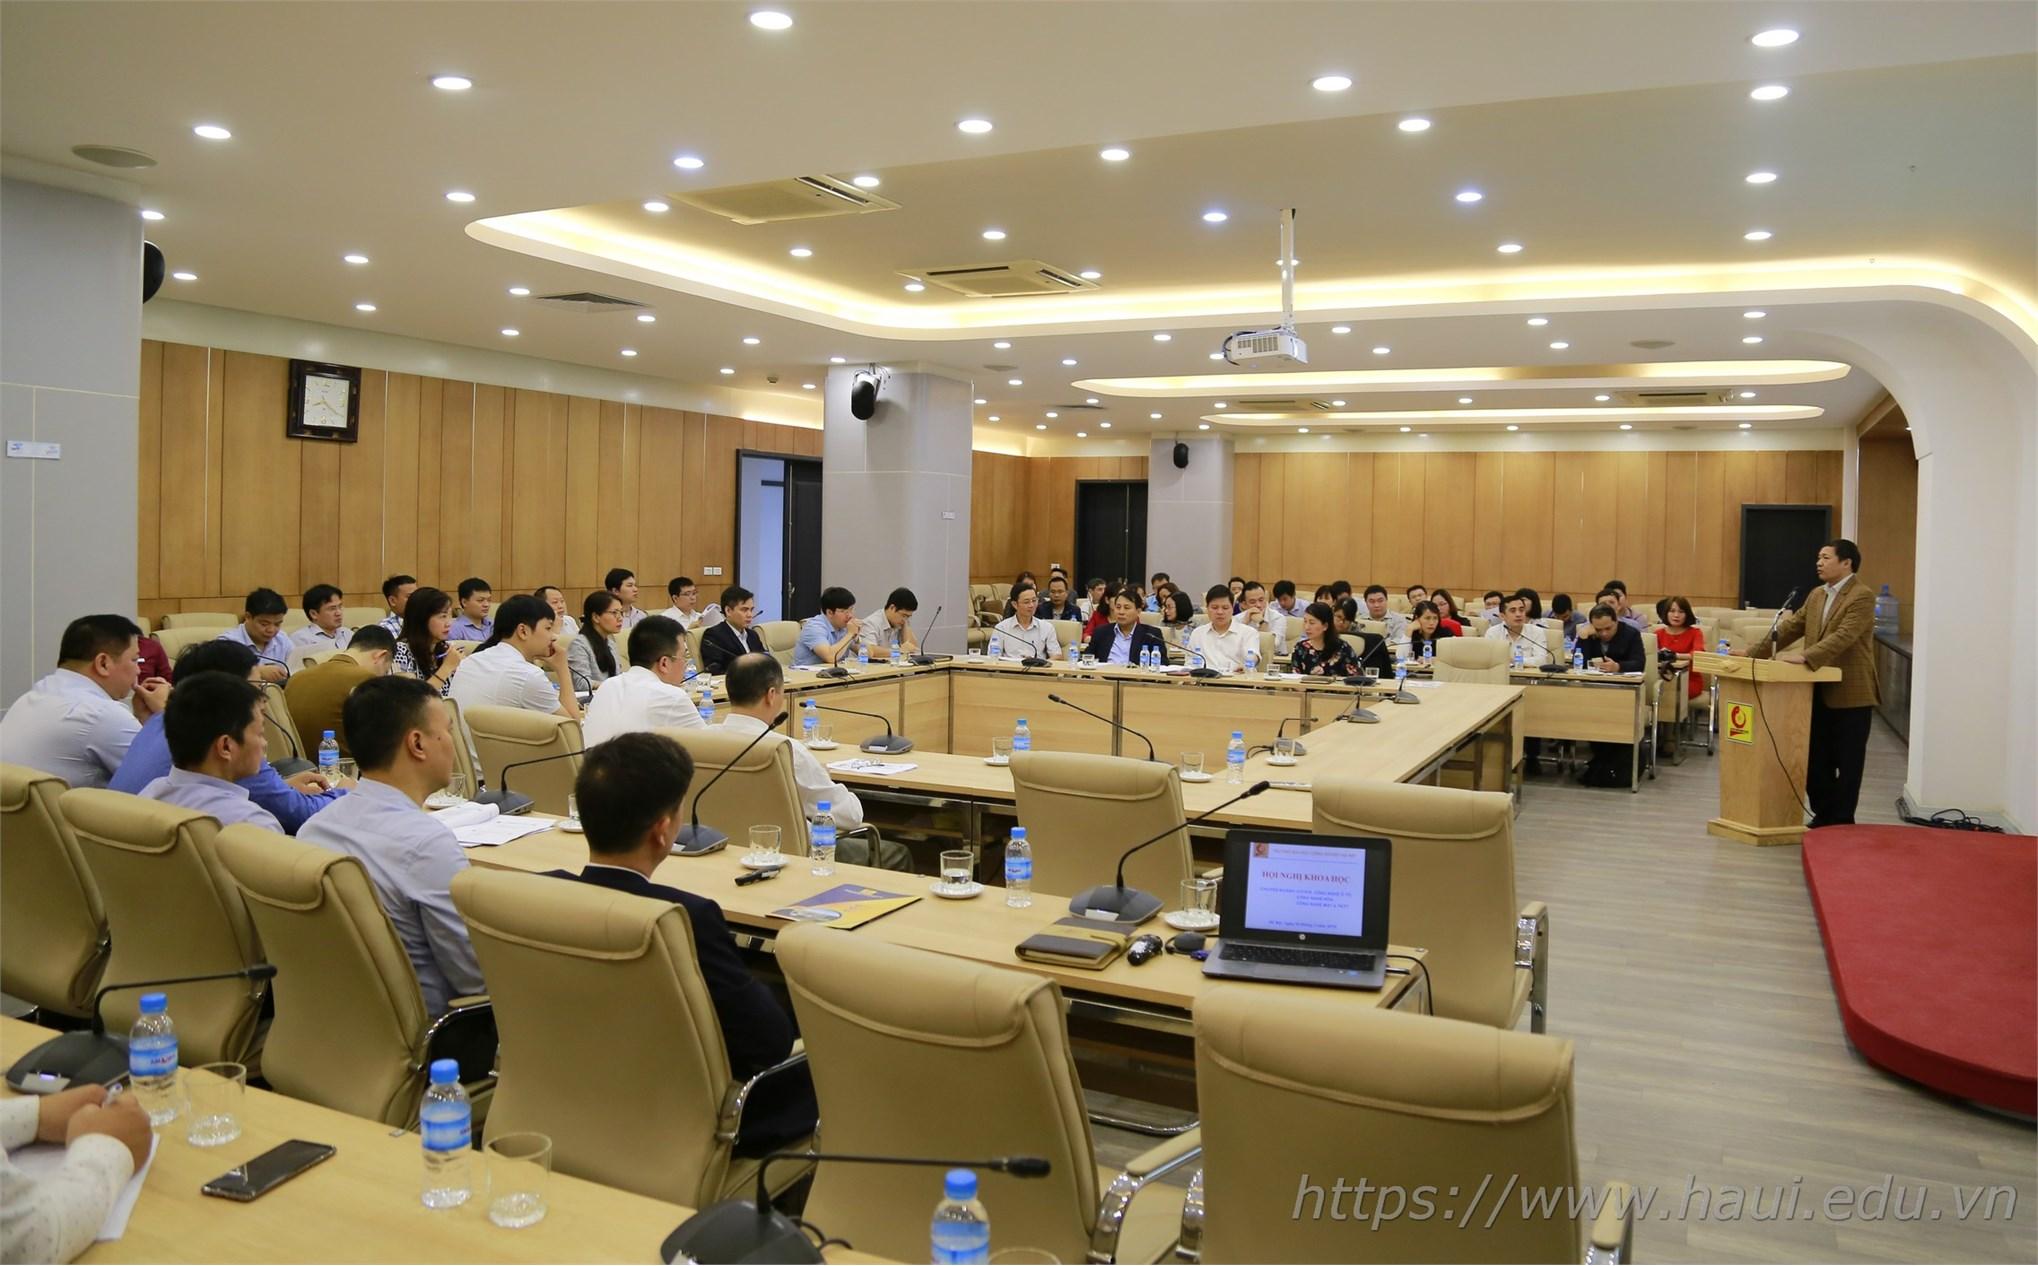 Hội nghị triển khai hoạt động Khoa học, Công nghệ năm 2019